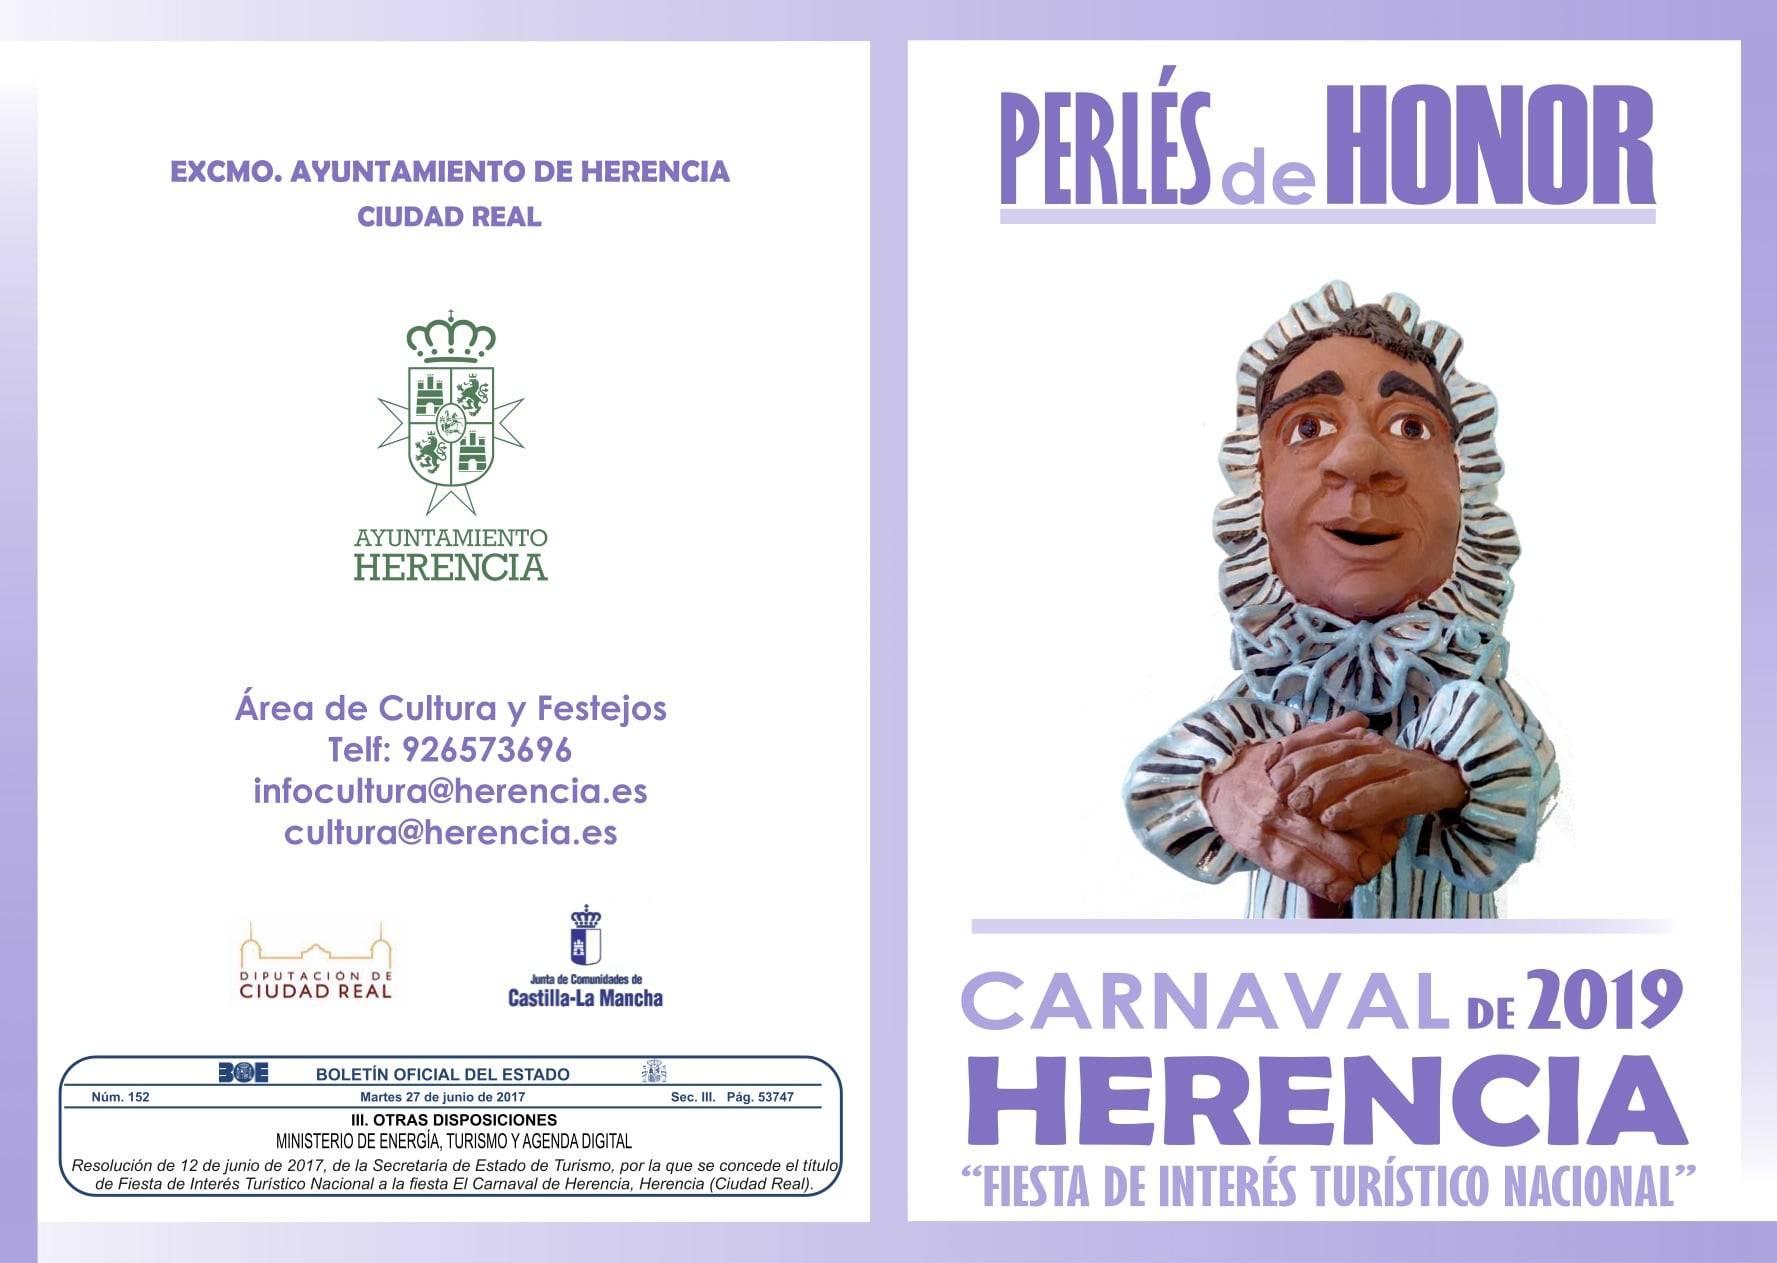 Abierto el plazo de presentación de candidaturas para los Perlés de Honor del Carnaval de Herencia 2019 5